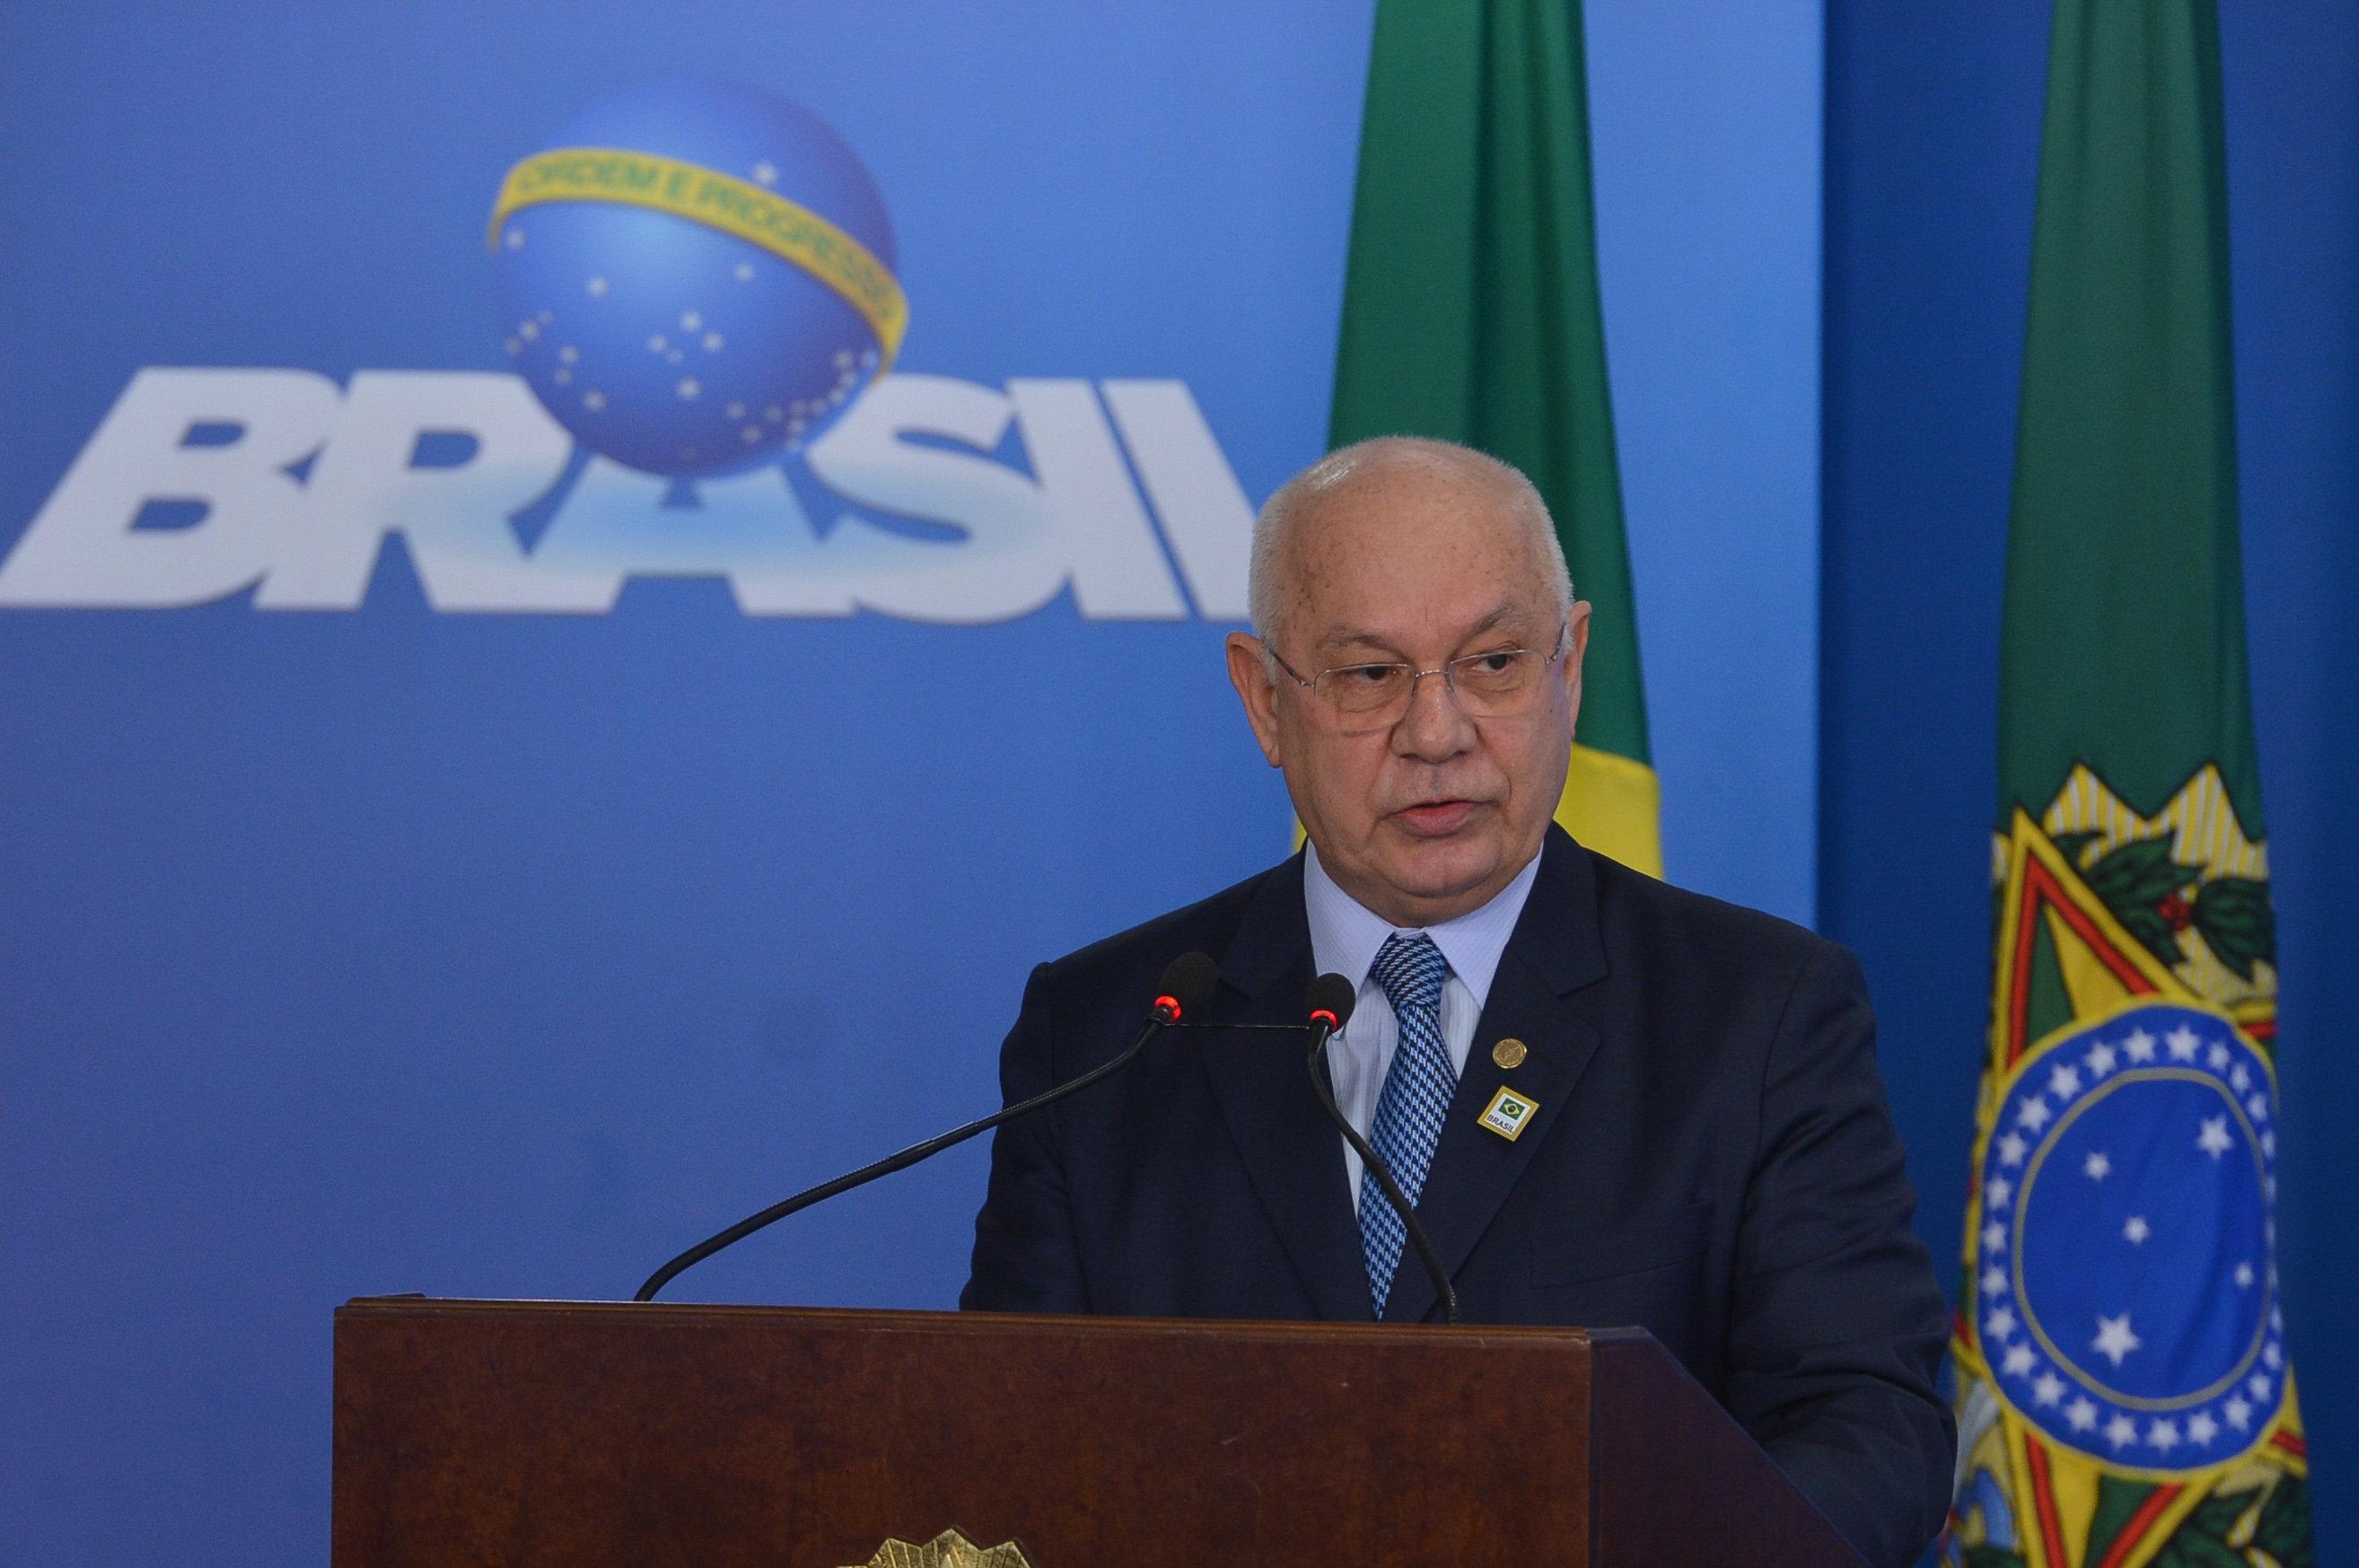 Teori Zavascki, magistrado brasileño